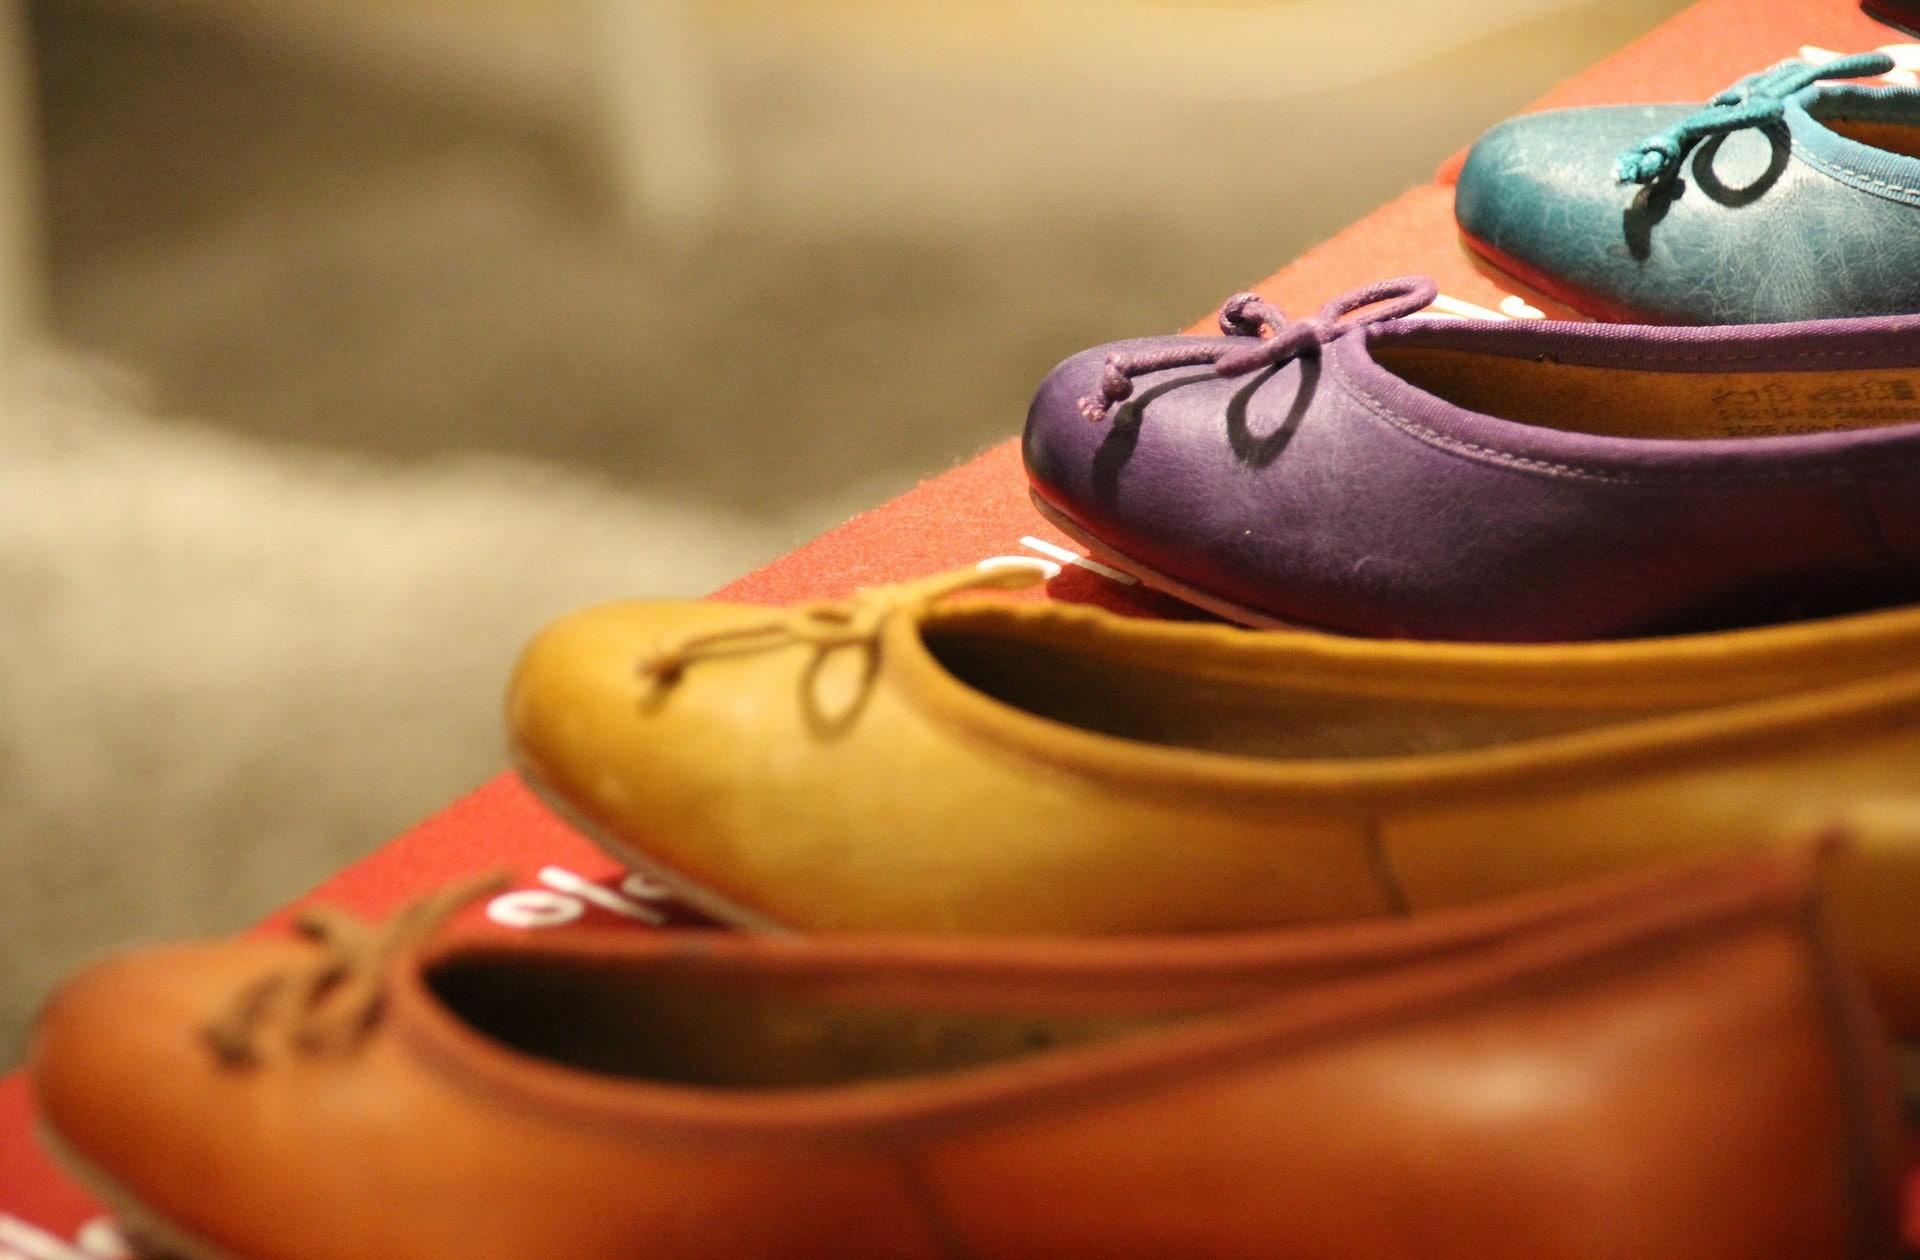 Pamphlet anti-ballerine, ce soulier crasseux que j'espérais ne jamais revoir